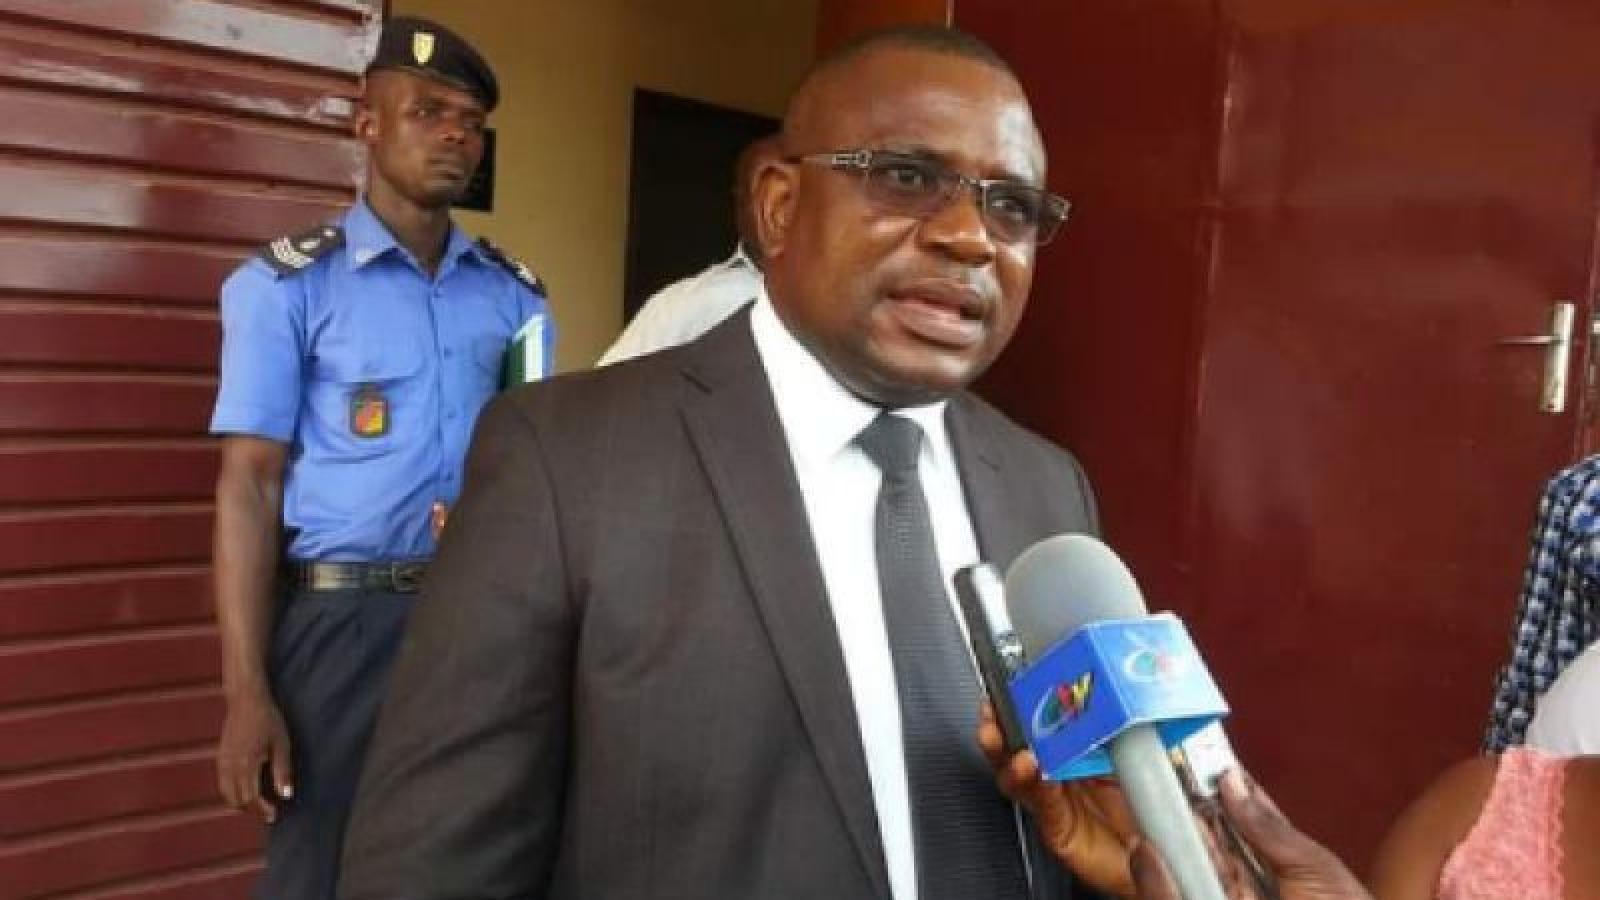 Nổ súng tại trường học ở Cameroon, ít nhất 5 trẻ em thiệt mạng